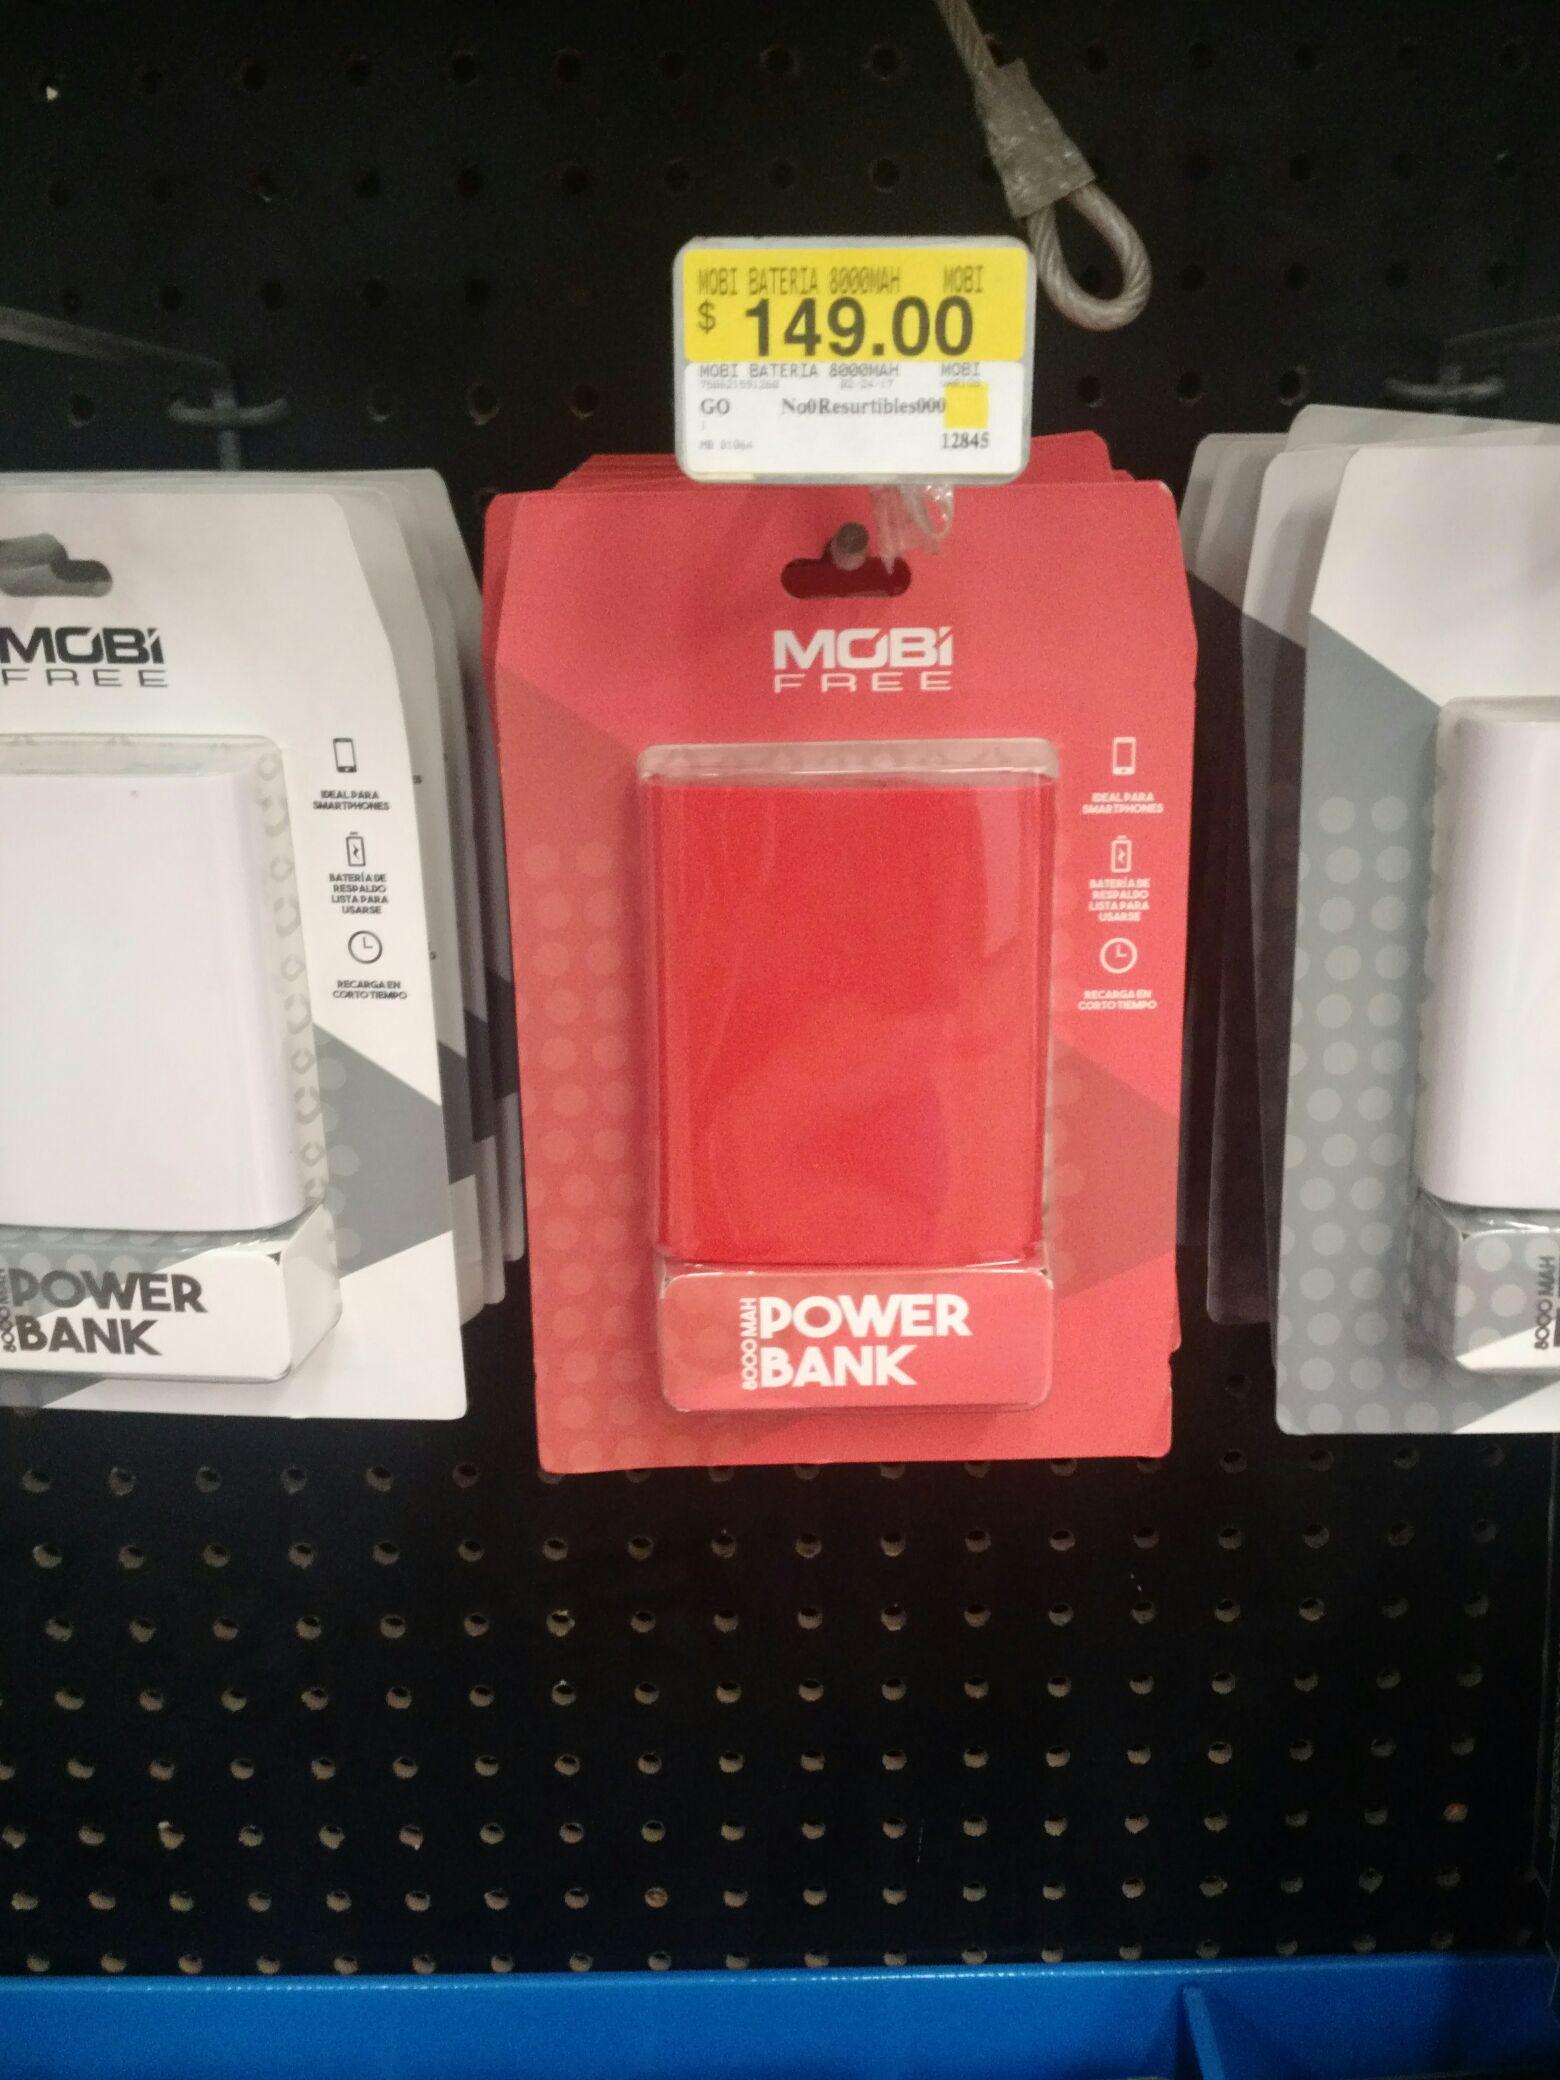 Walmart: Power Bank 8000mAh - Mobi Free